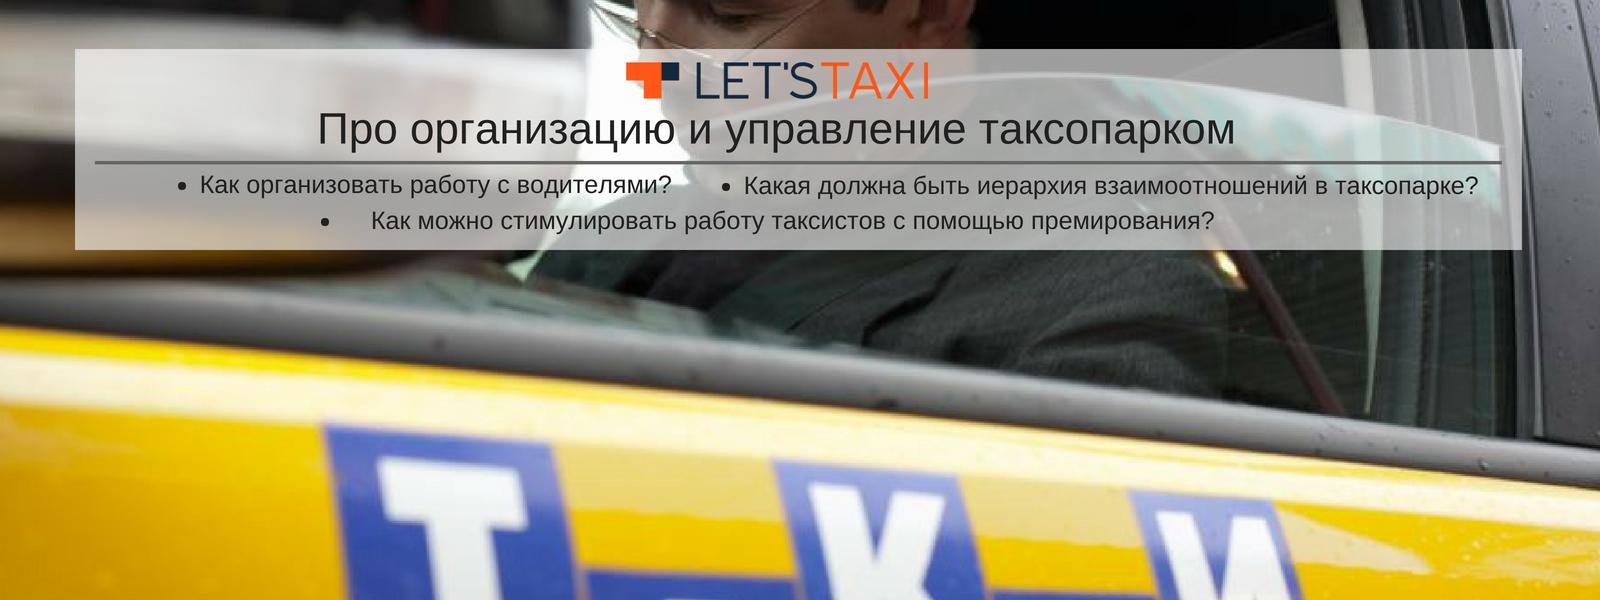 управление таксопарком